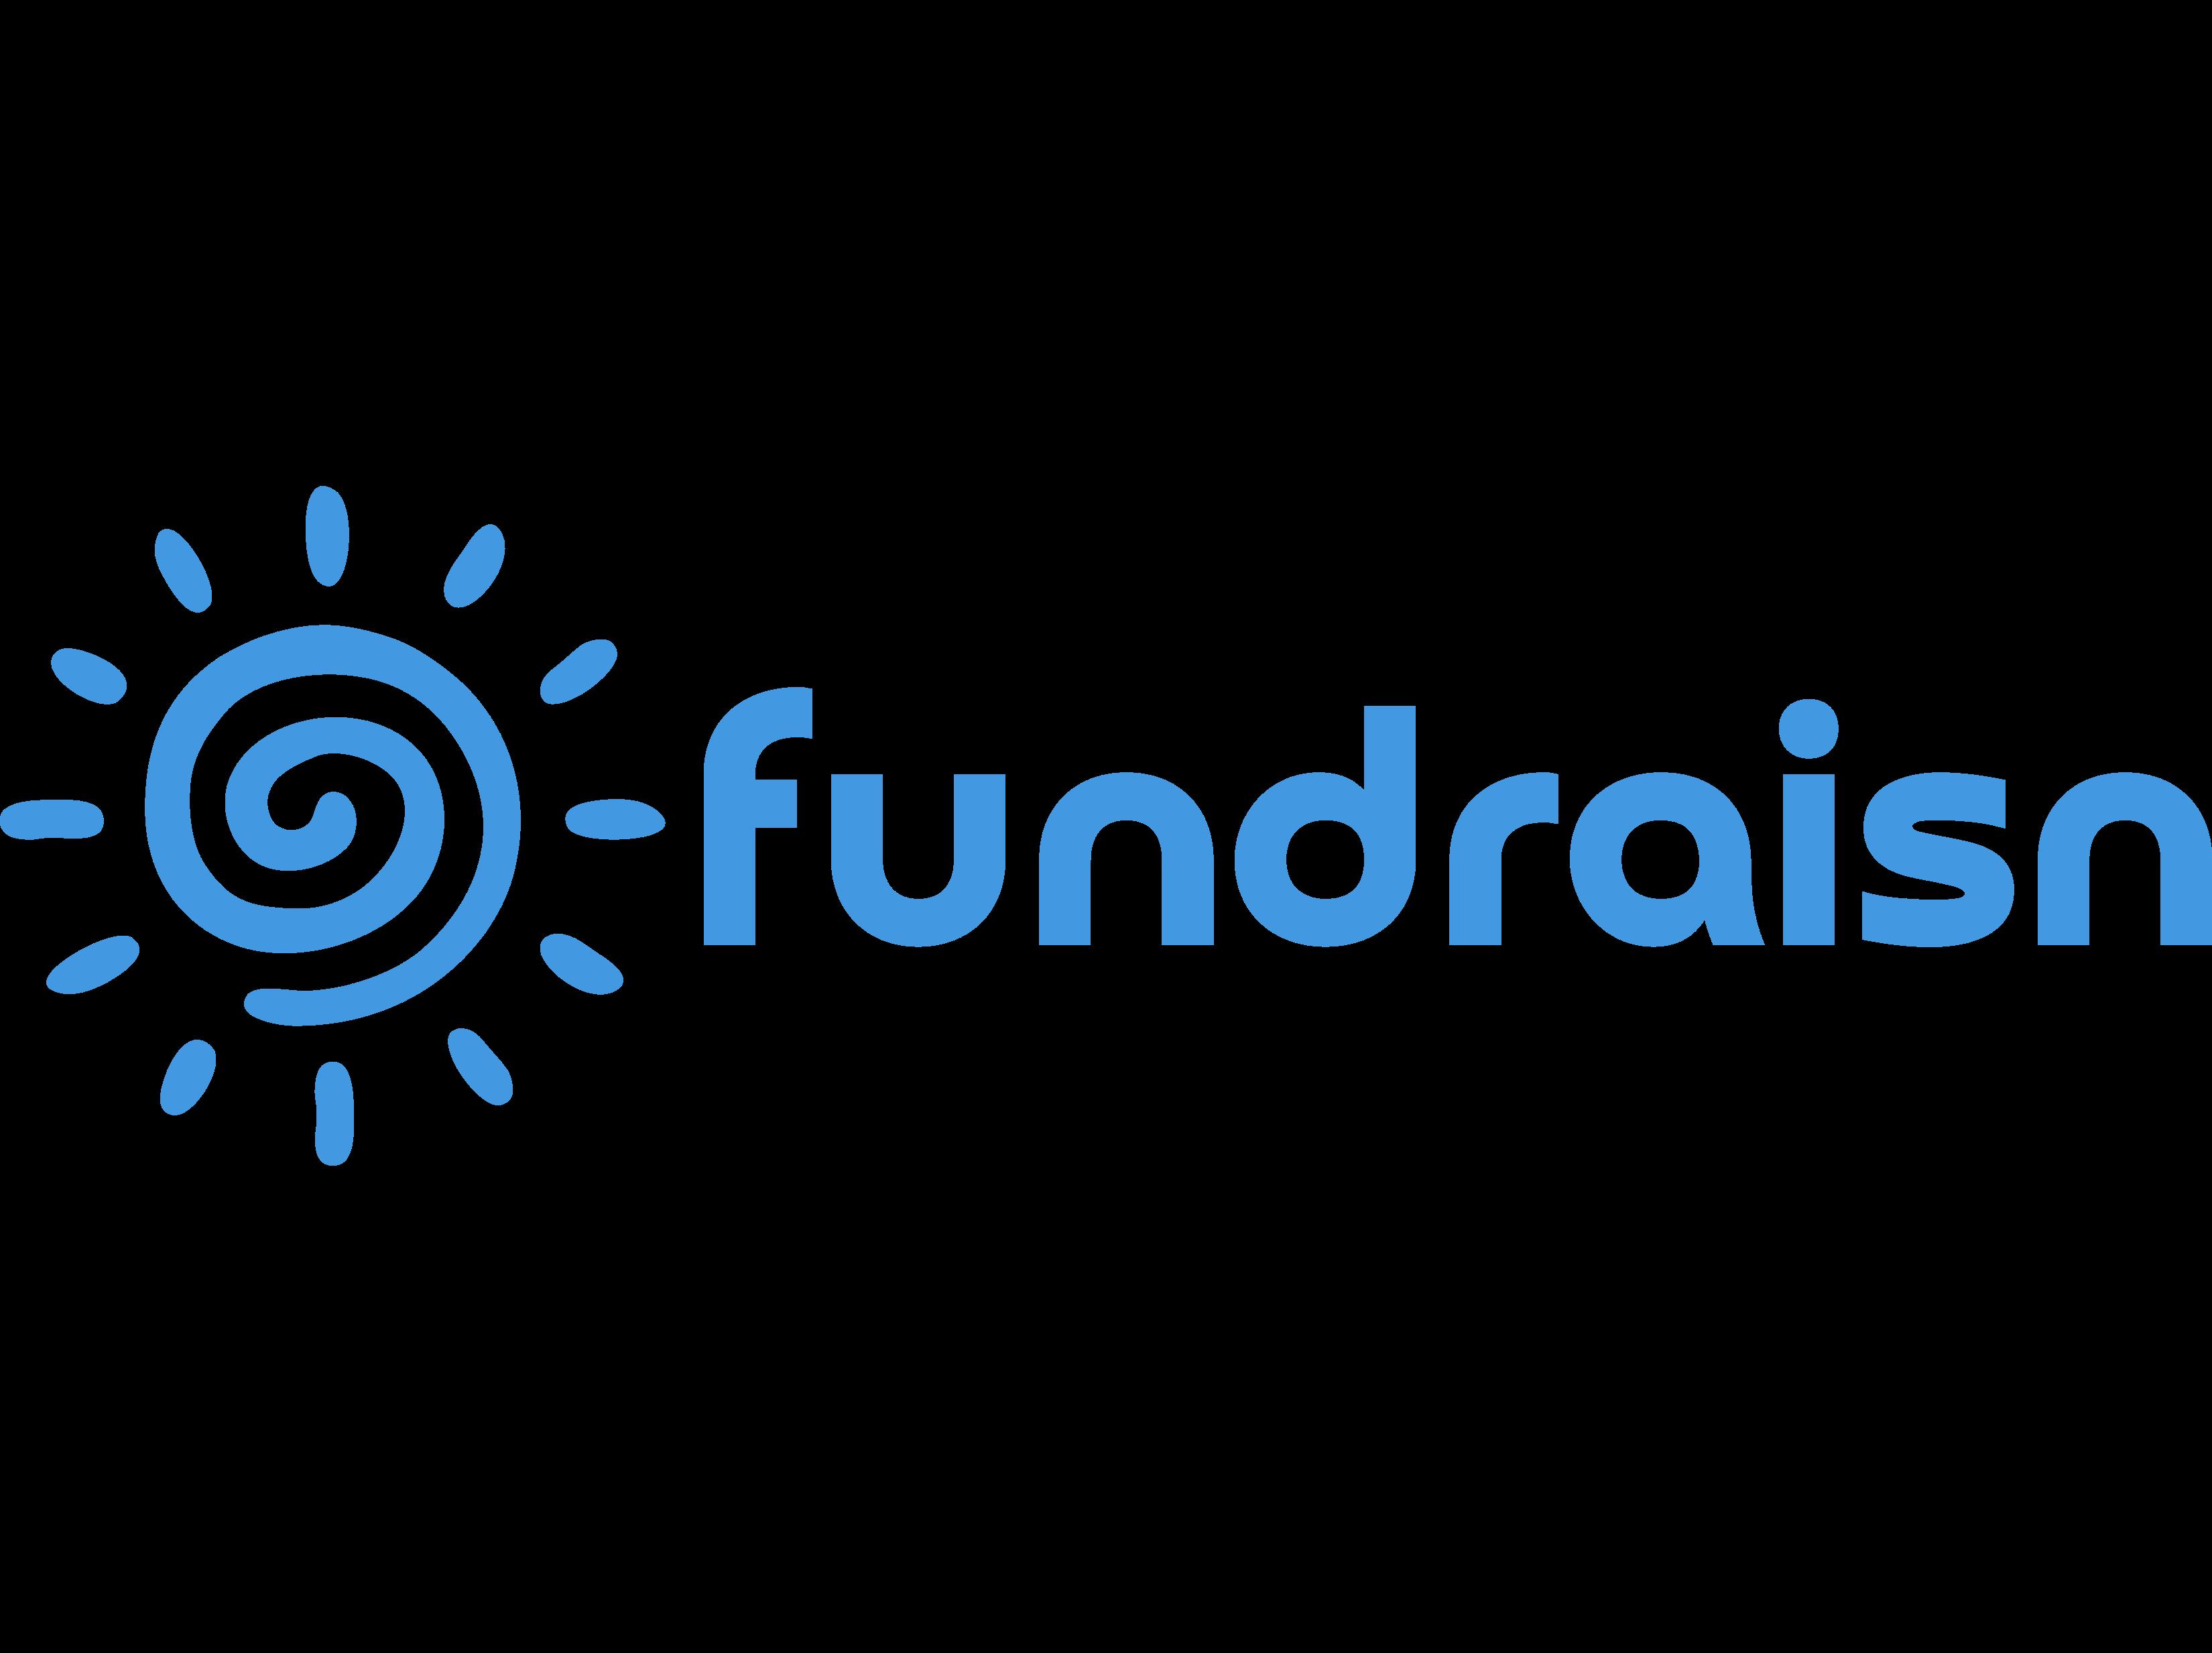 Fundraisin logo.